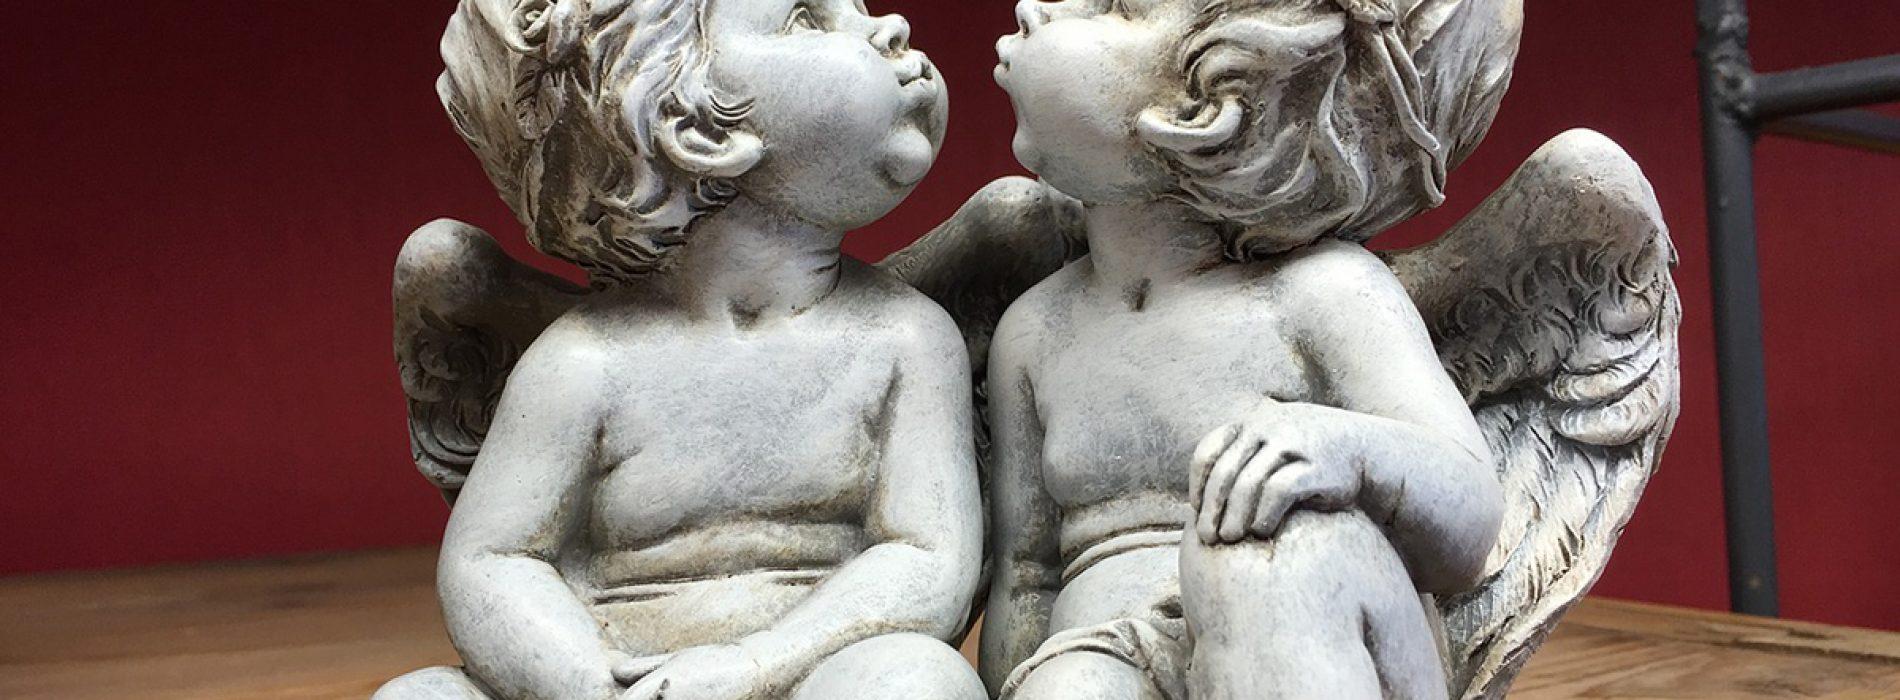 Regalos de San Valentín para viajeros